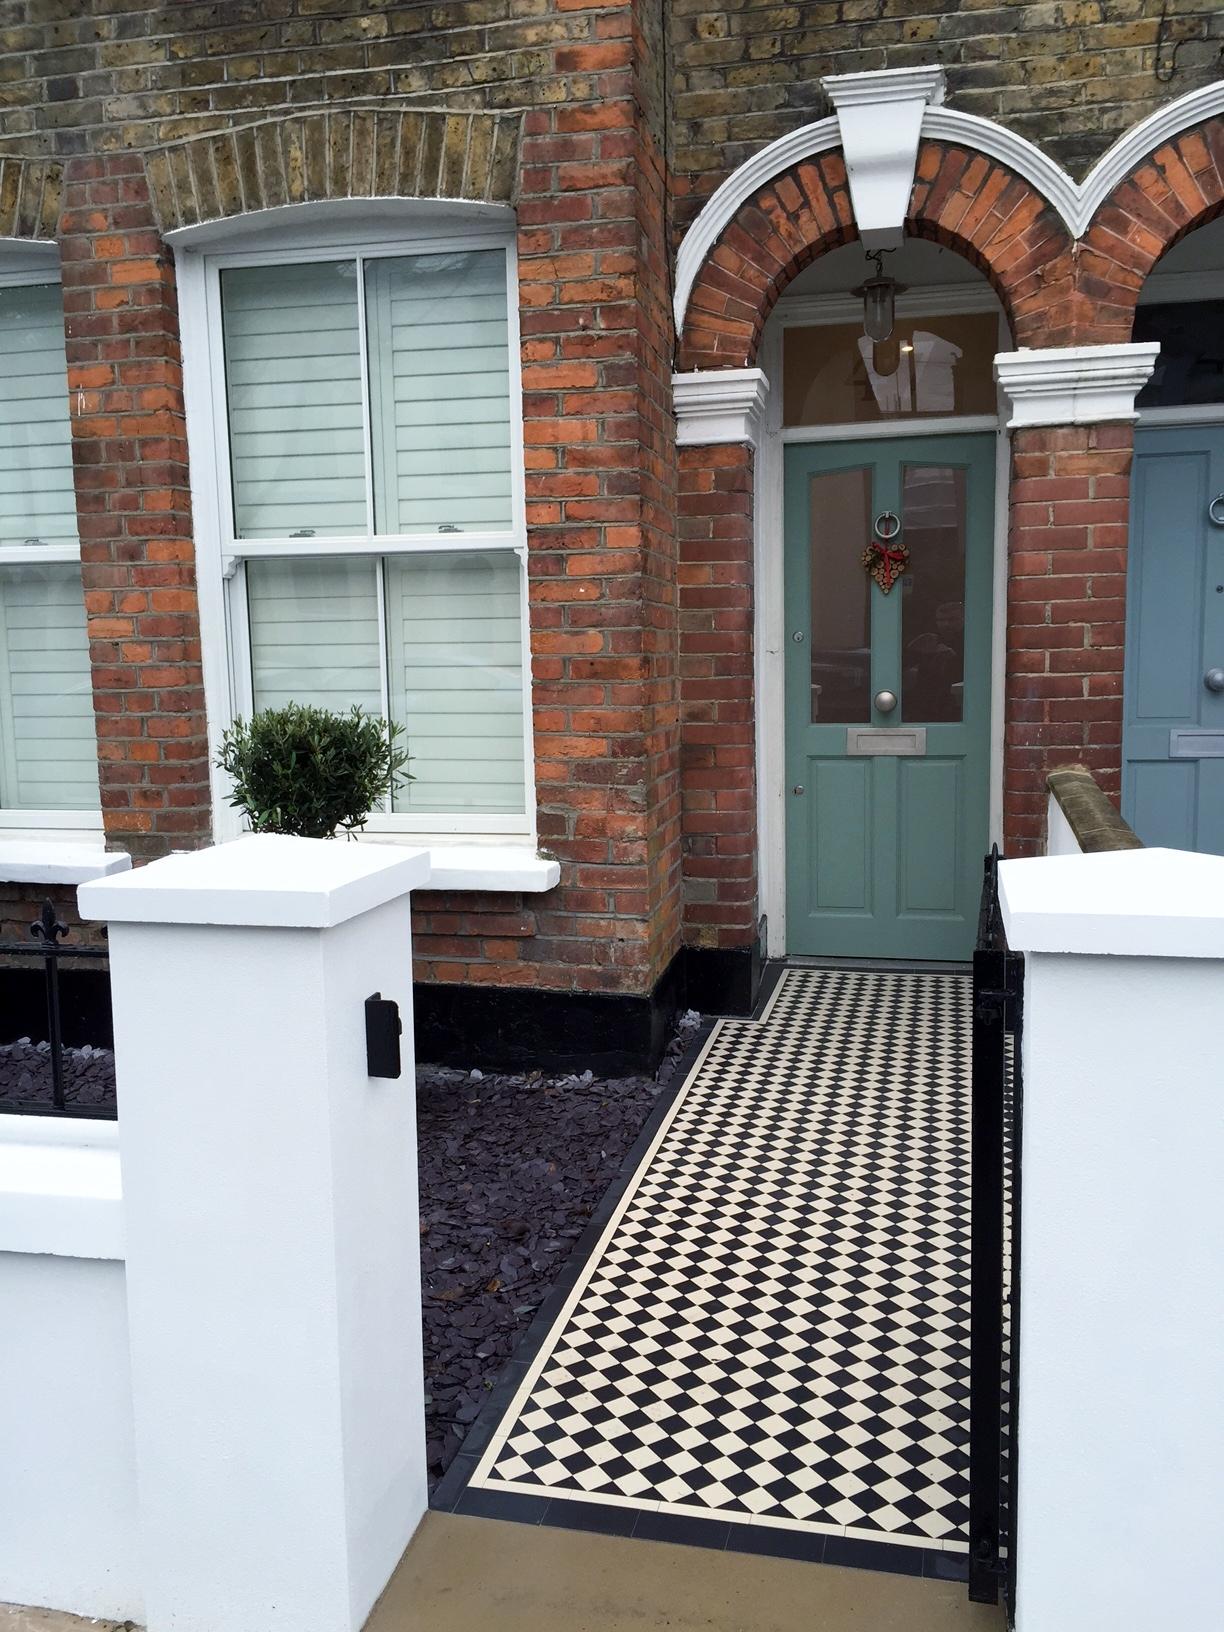 Balham Victorian Front Garden Wall Mosaic Rail Gate Bike